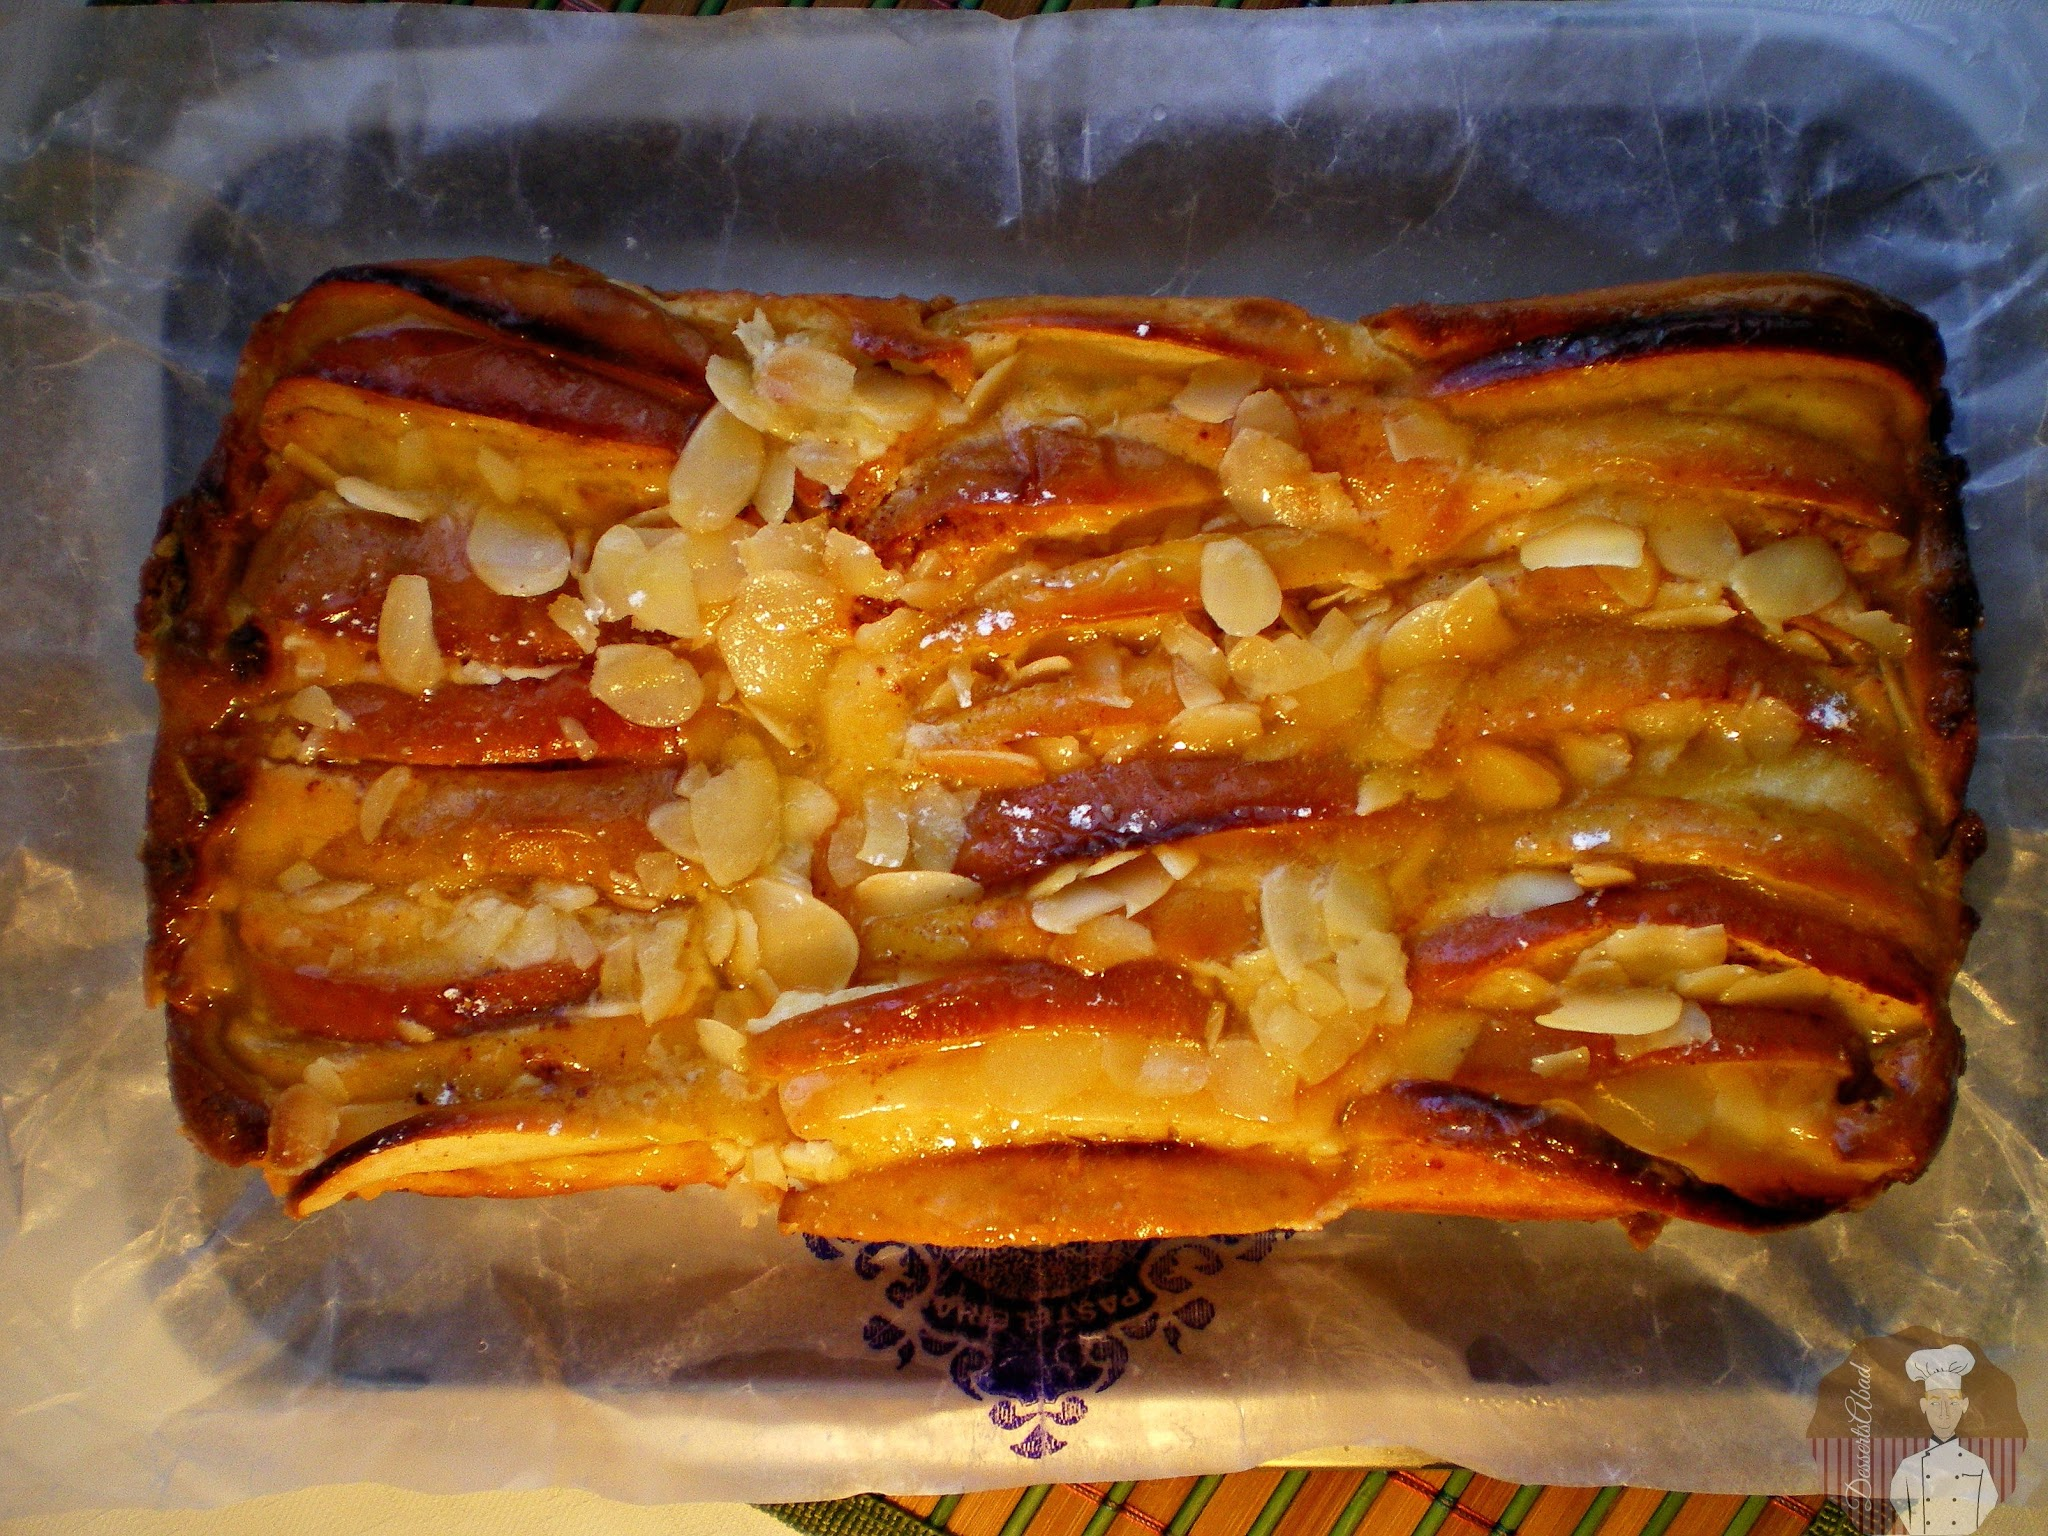 Pastel de quesitos con manzanas: decoración con almendras